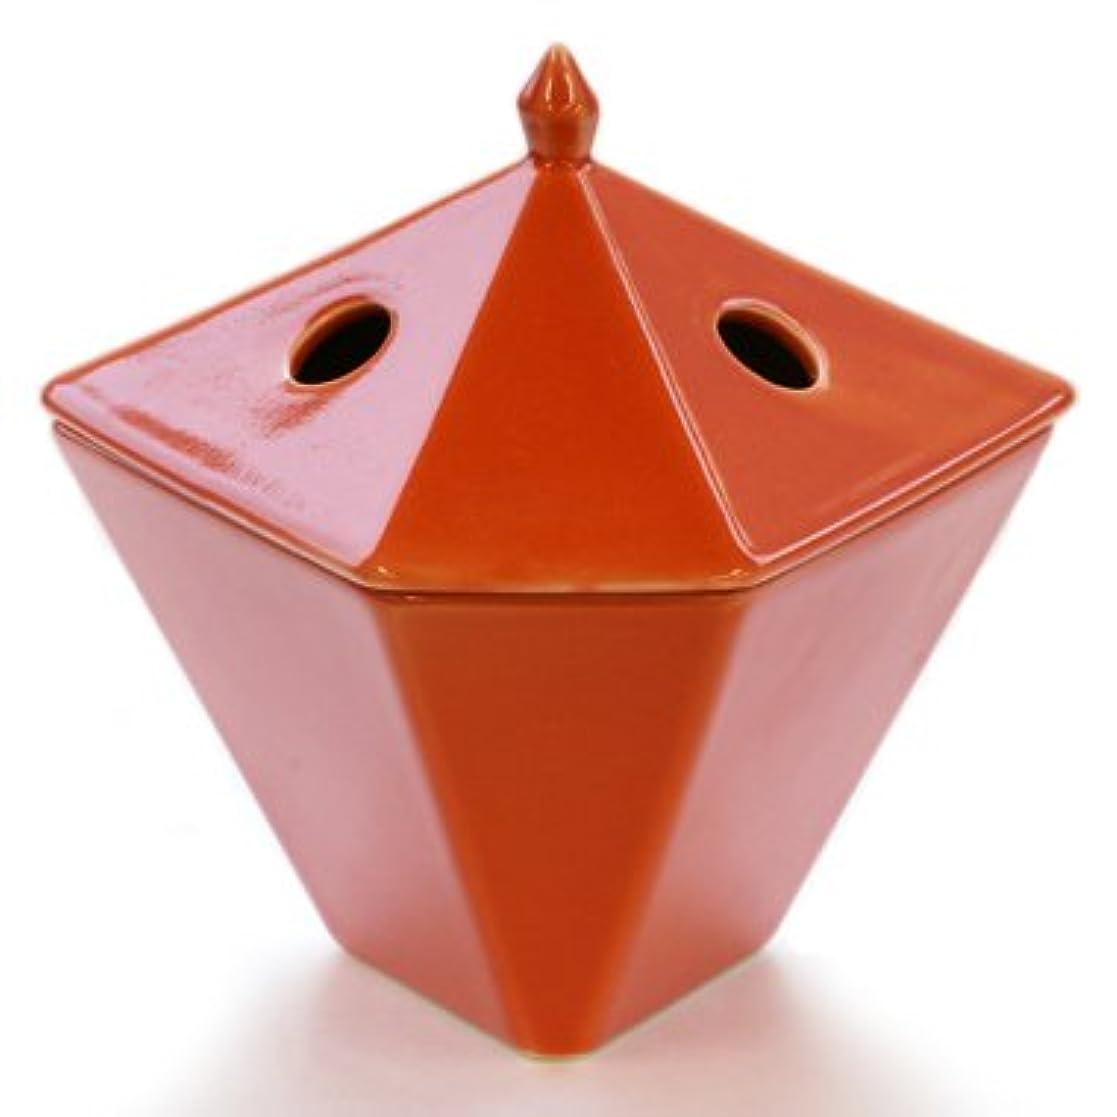 ギャロップ盗賊メモ縁香炉 橙